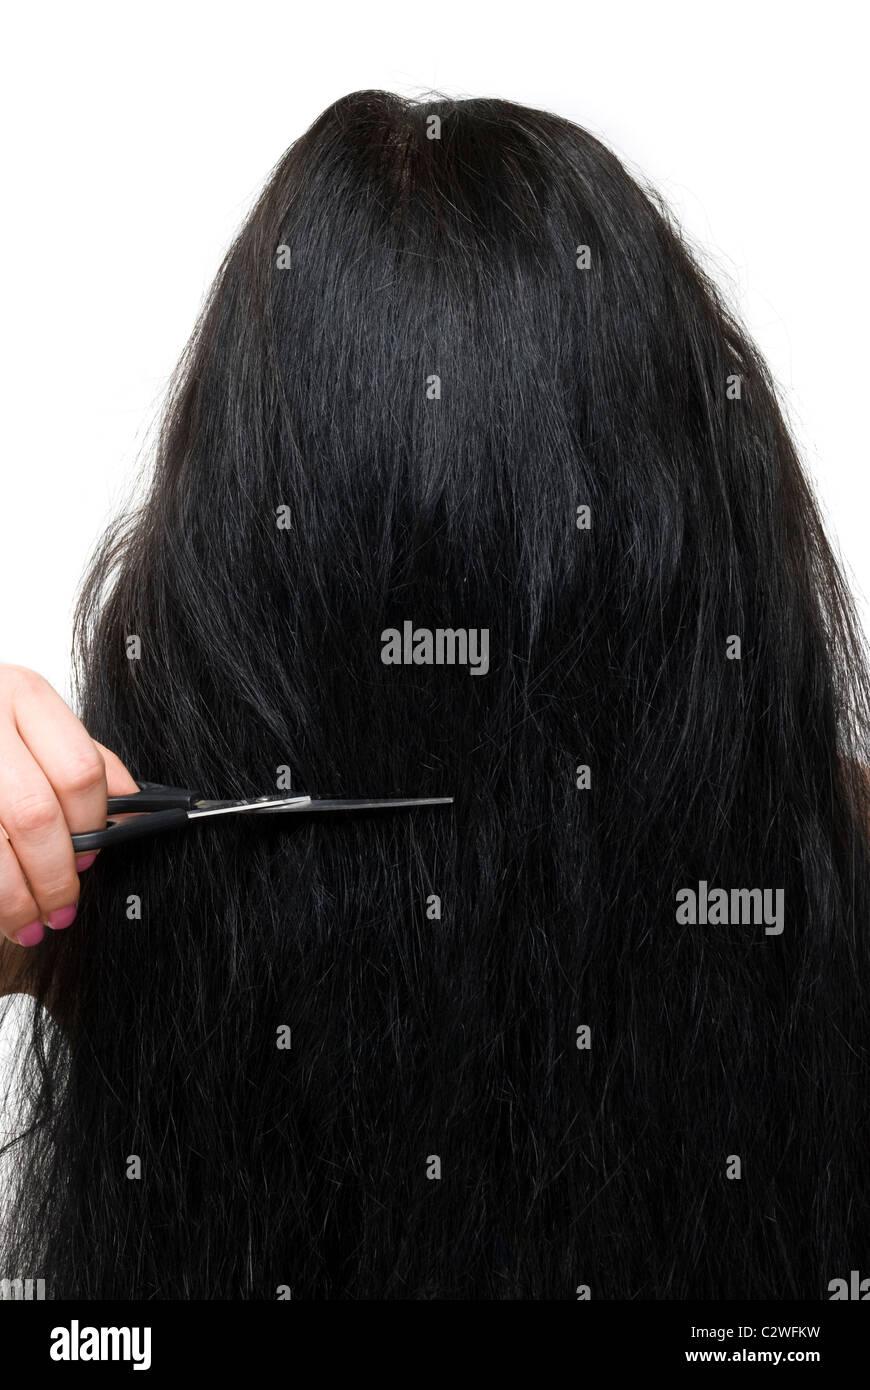 Nahaufnahme Von Hinten Brünette Frau Lange Haare Und Schere Im